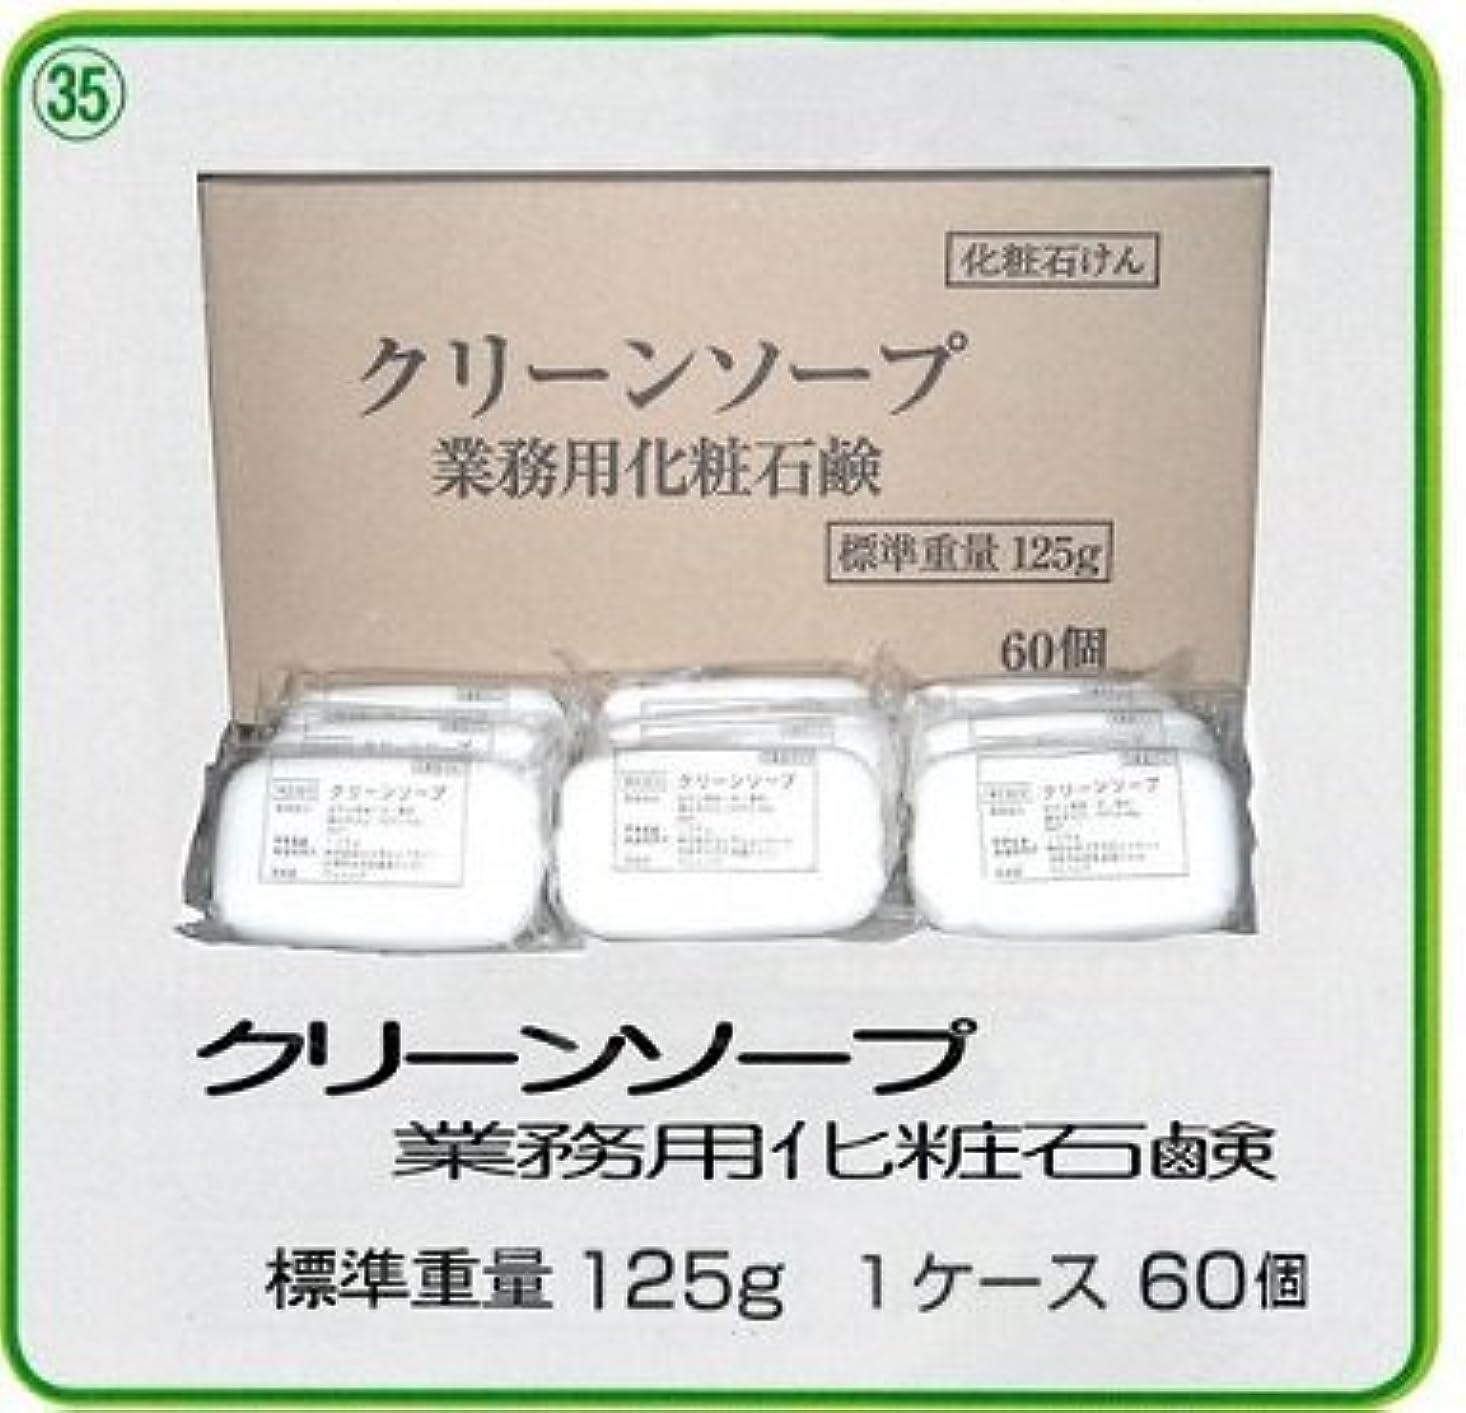 プライバシー定期的統合業務用化粧石鹸 クリーンソープ1個125g/1箱60個入(品番7014)富士化成